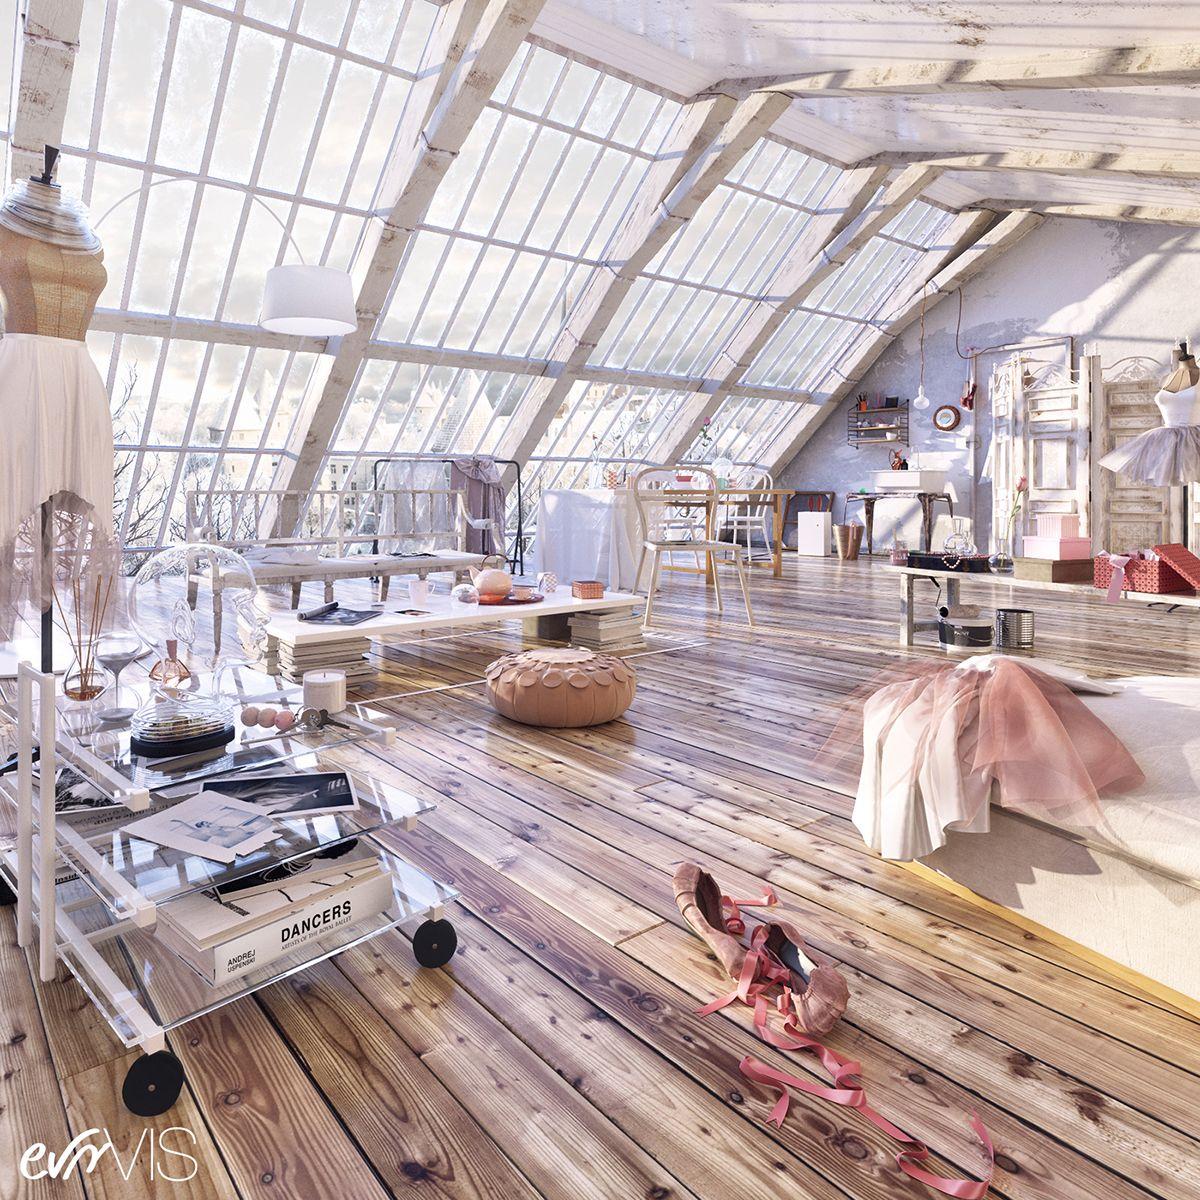 Vivre Dans Un Loft vivre dans le ciel, dans un loft aérien, c'est la l'idéal pour une